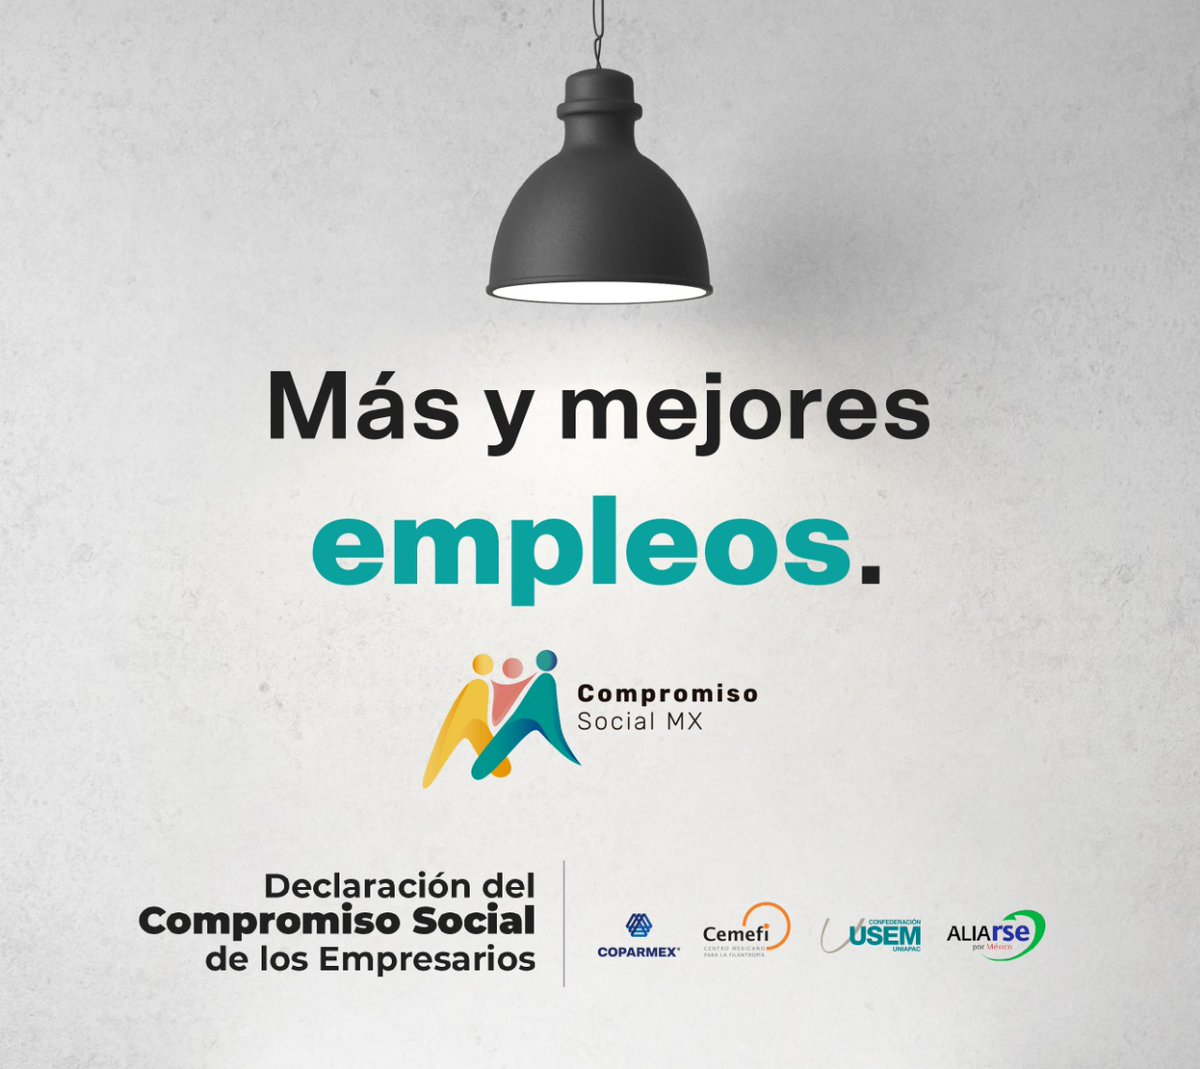 Los empresarios asumimos el #CompromisoSocial de crear empleos productivos e impulsar una Nueva Cultura Salarial basada en capacitación, flexibilidad laboral, salarios de mayor calidad y bonos de productividad. @usem @CemefInforma #AliaRSE  @ComprSocialMx